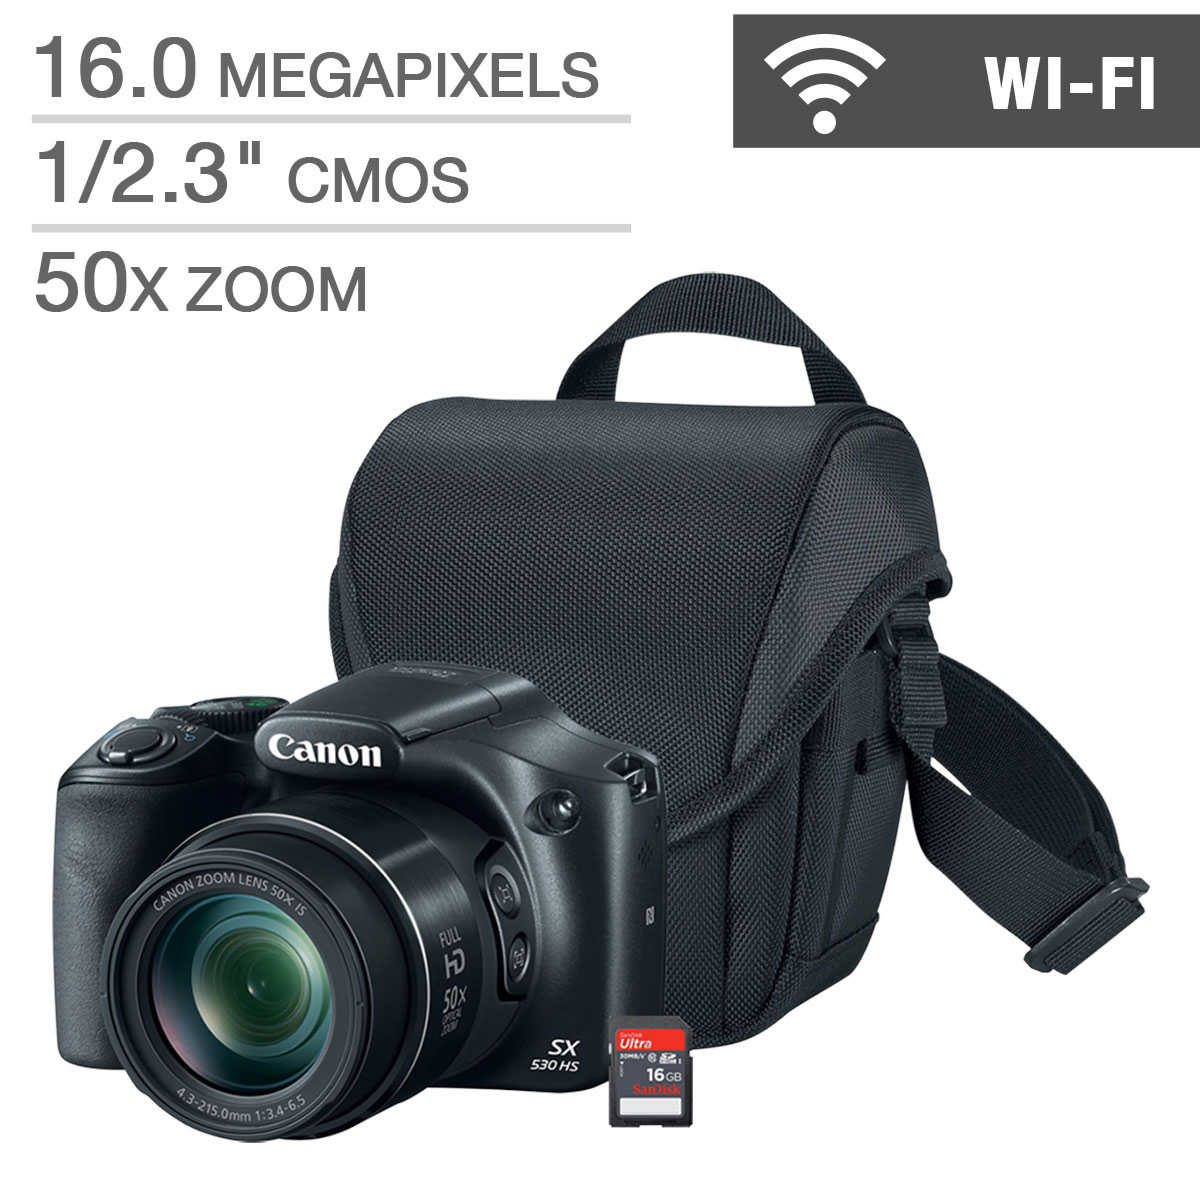 Top Selling Cameras   Costco